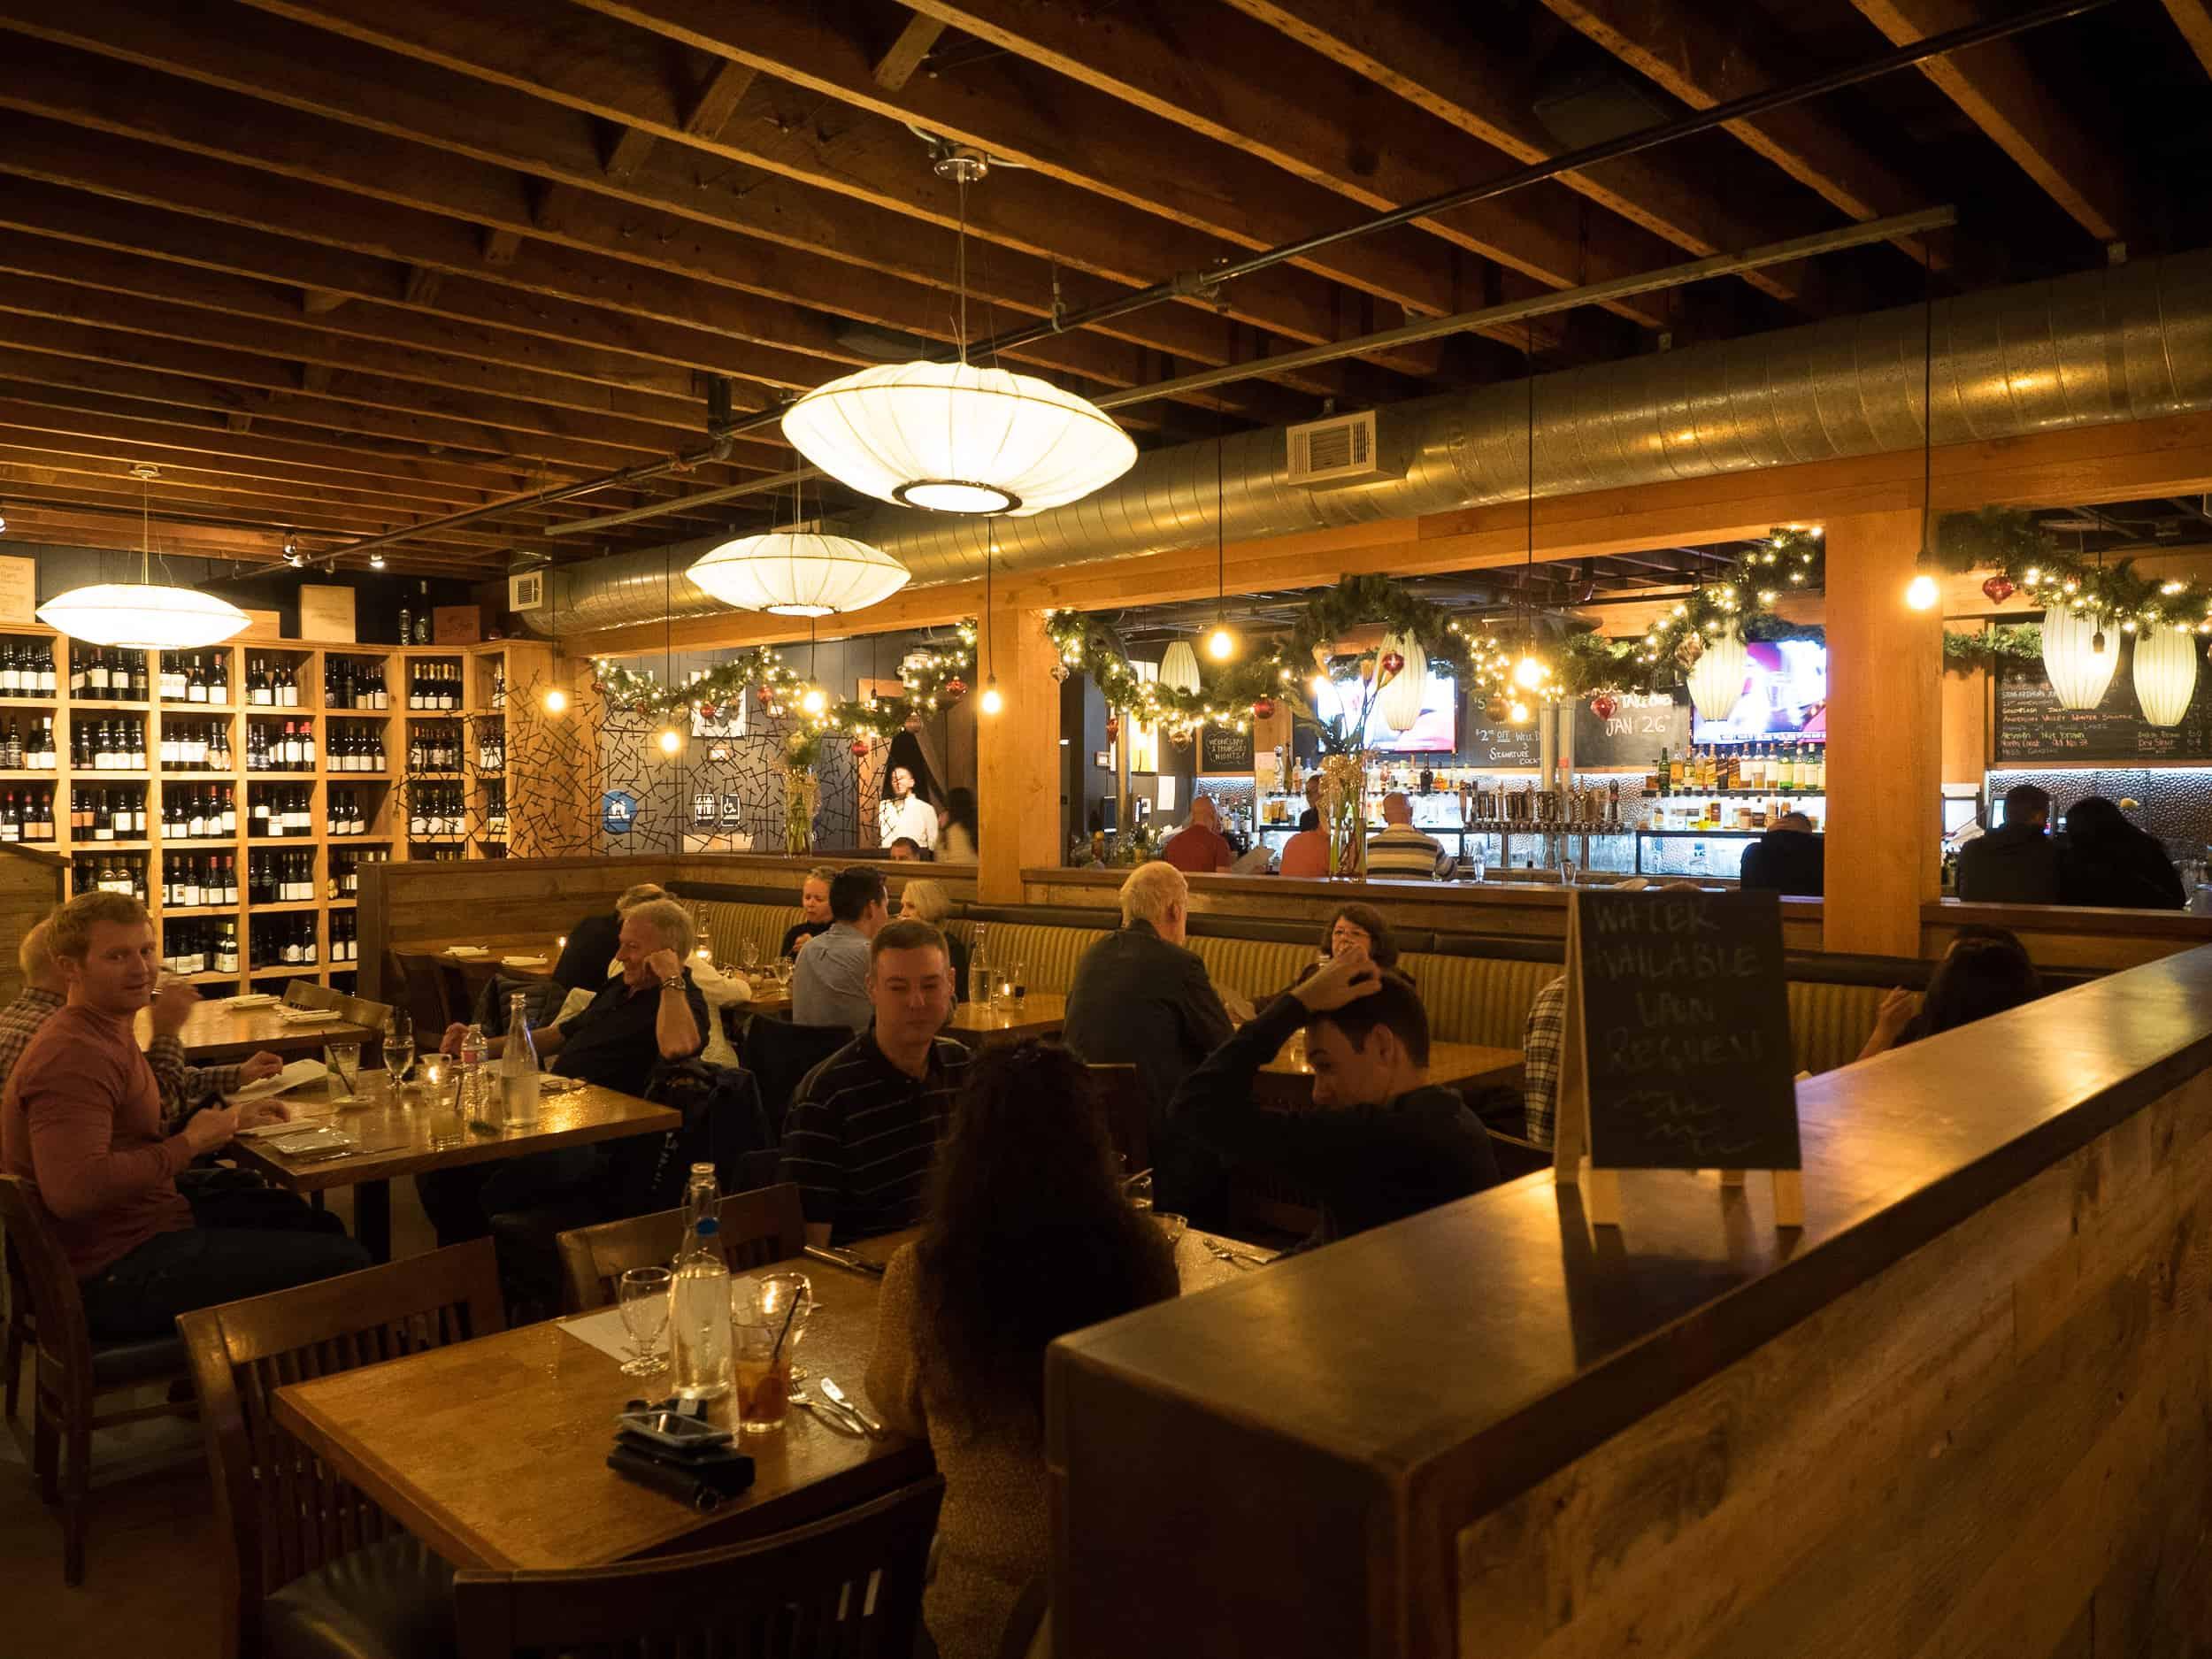 Leroy S Kitchen Lounge Coronado Go San Diego